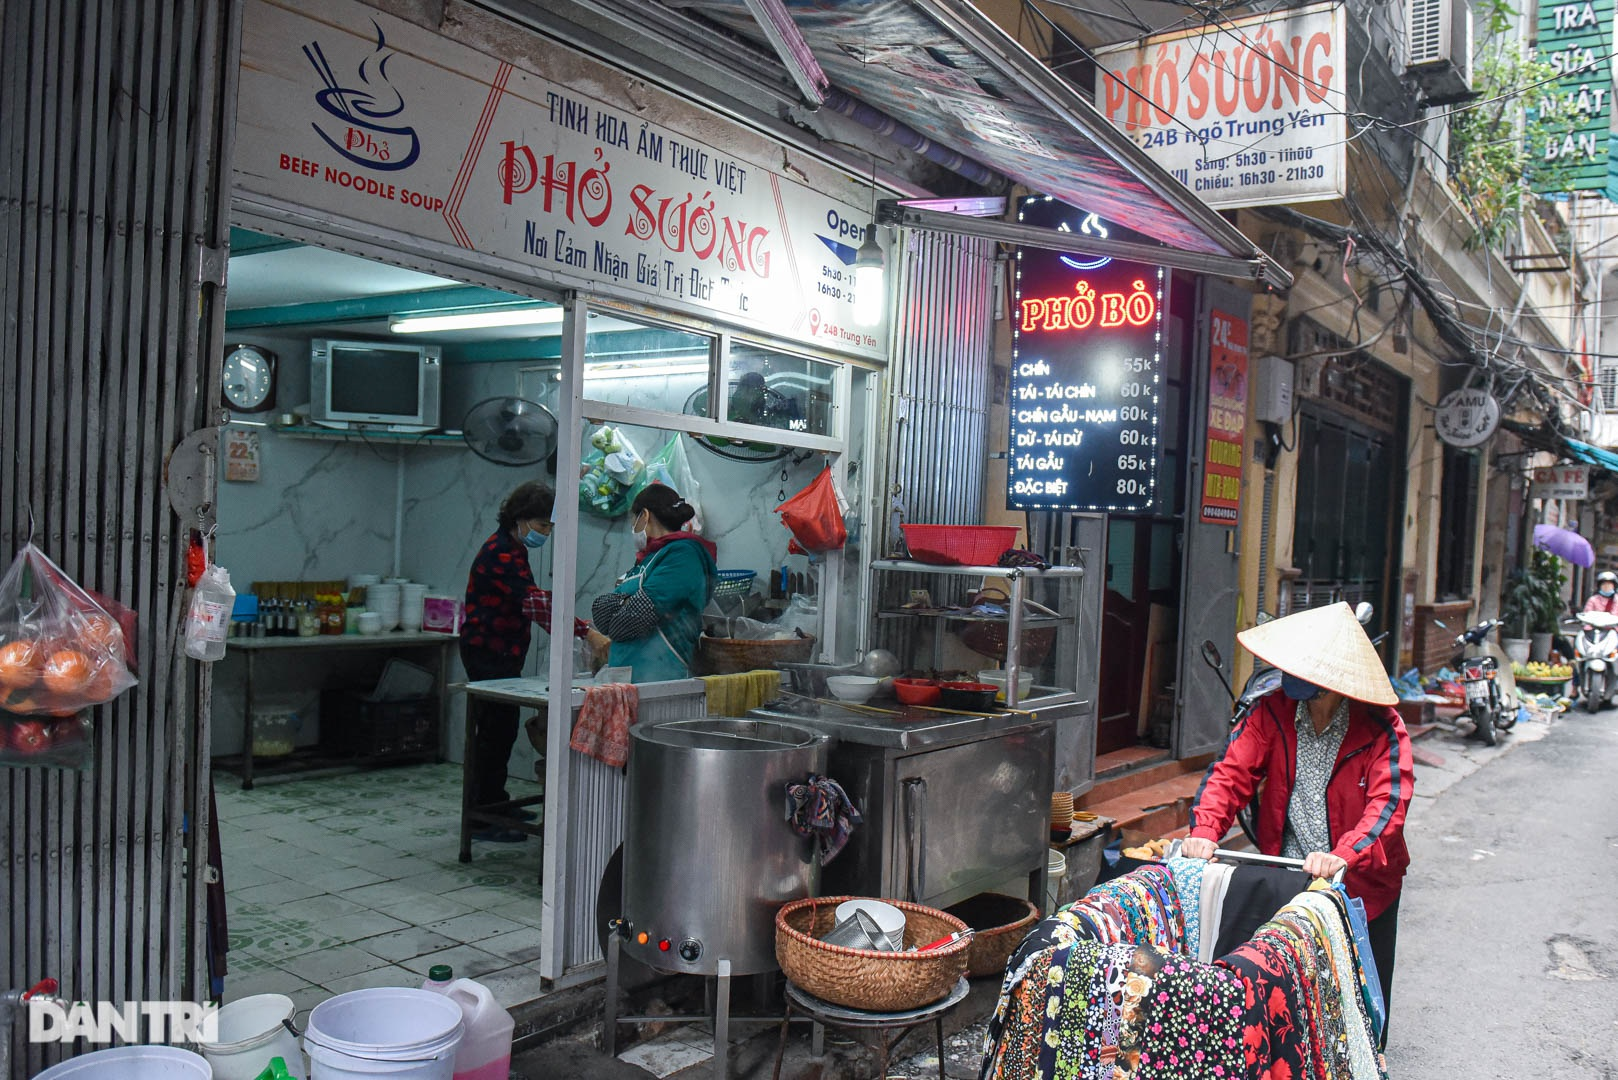 5 quán phở hút khách bậc nhất Hà Nội: Đã ngon, tên còn cực độc - 5